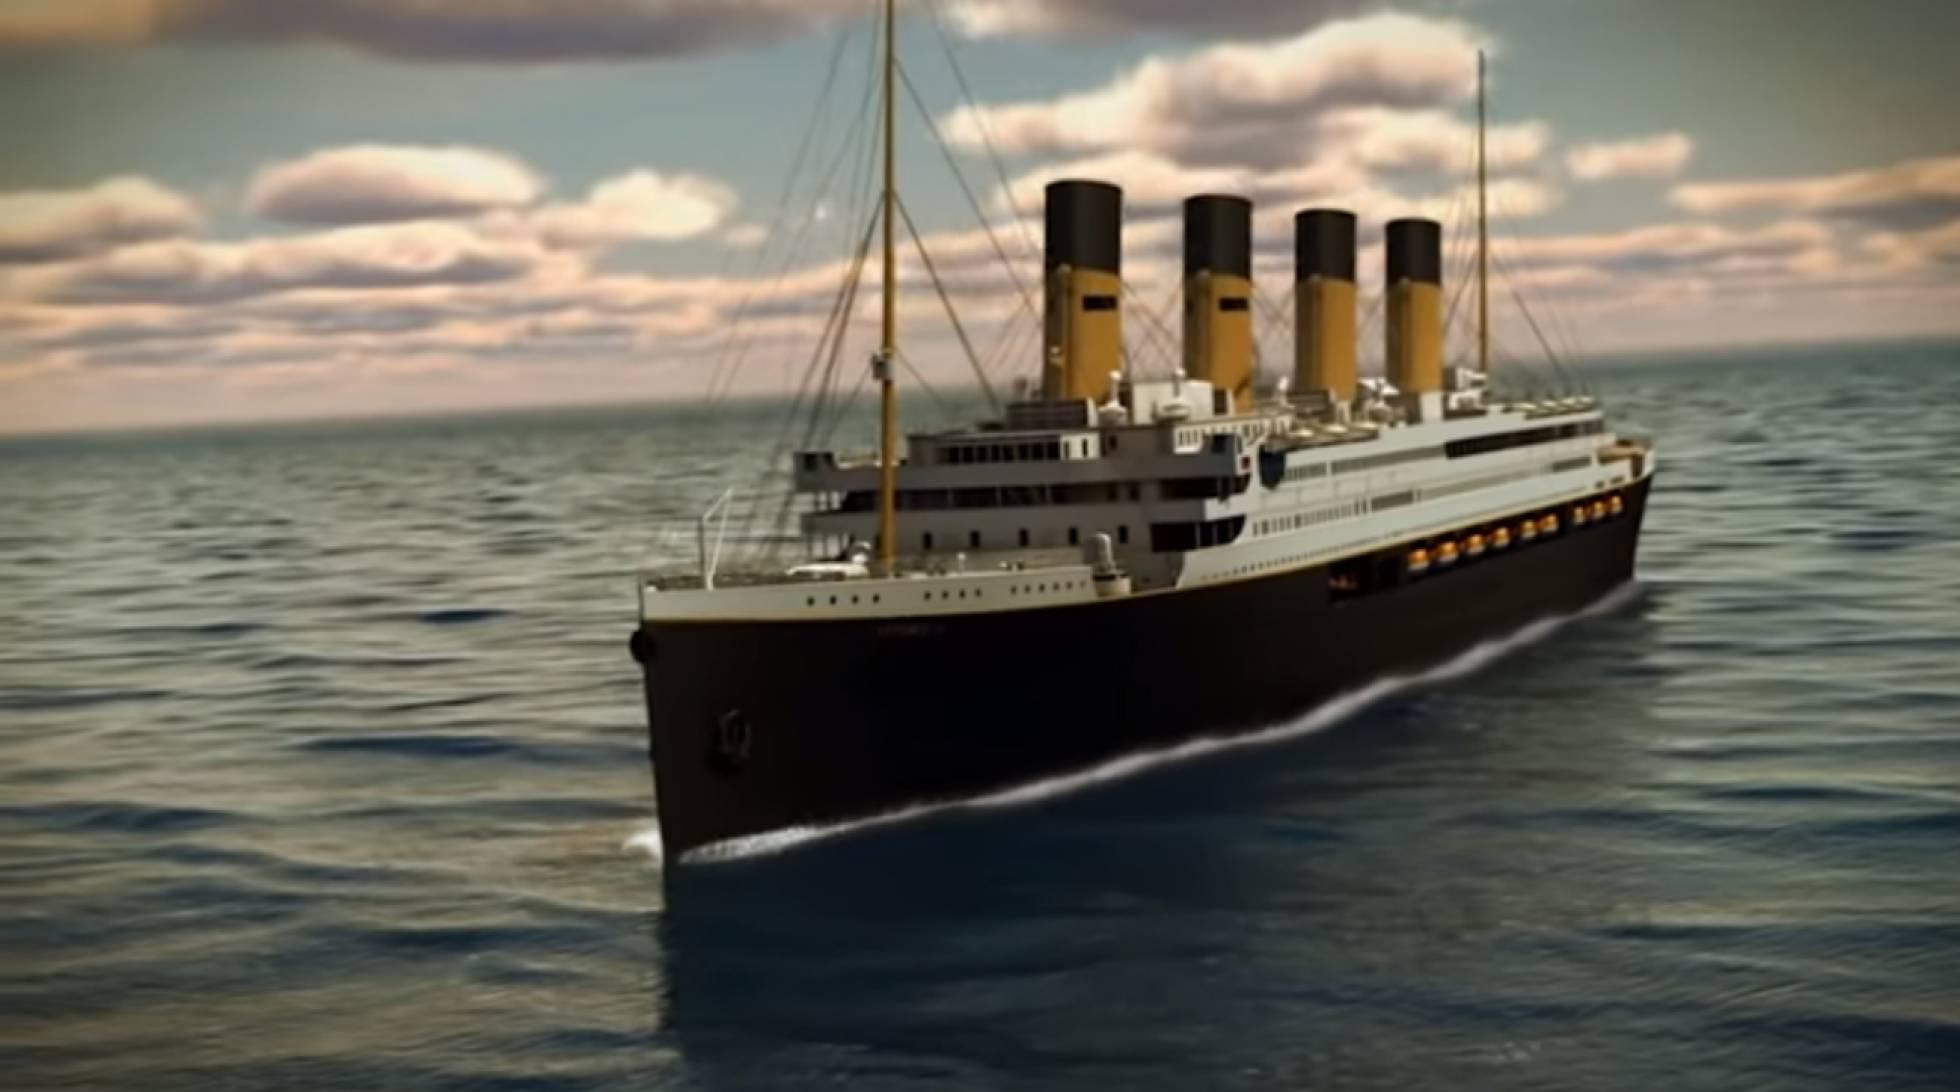 construiran-replica-titanic-2-zarpara-2022